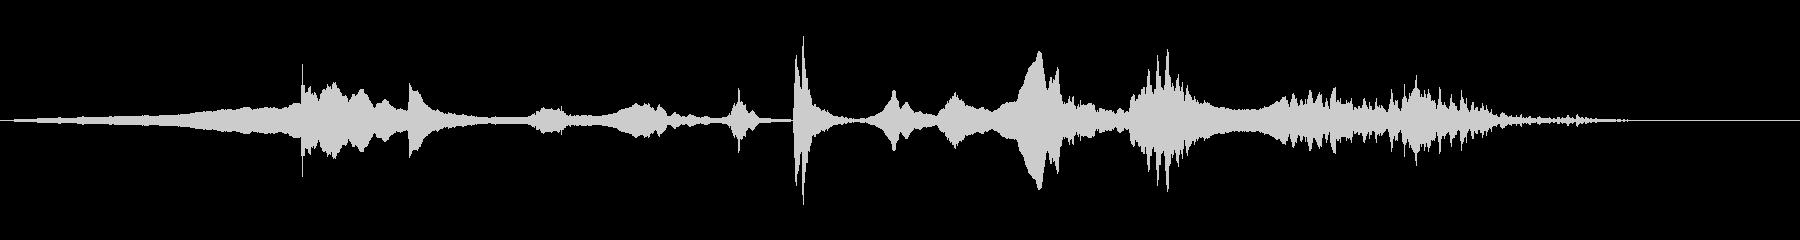 生演奏 尺八 薩摩琵琶 その3 残響音有の未再生の波形